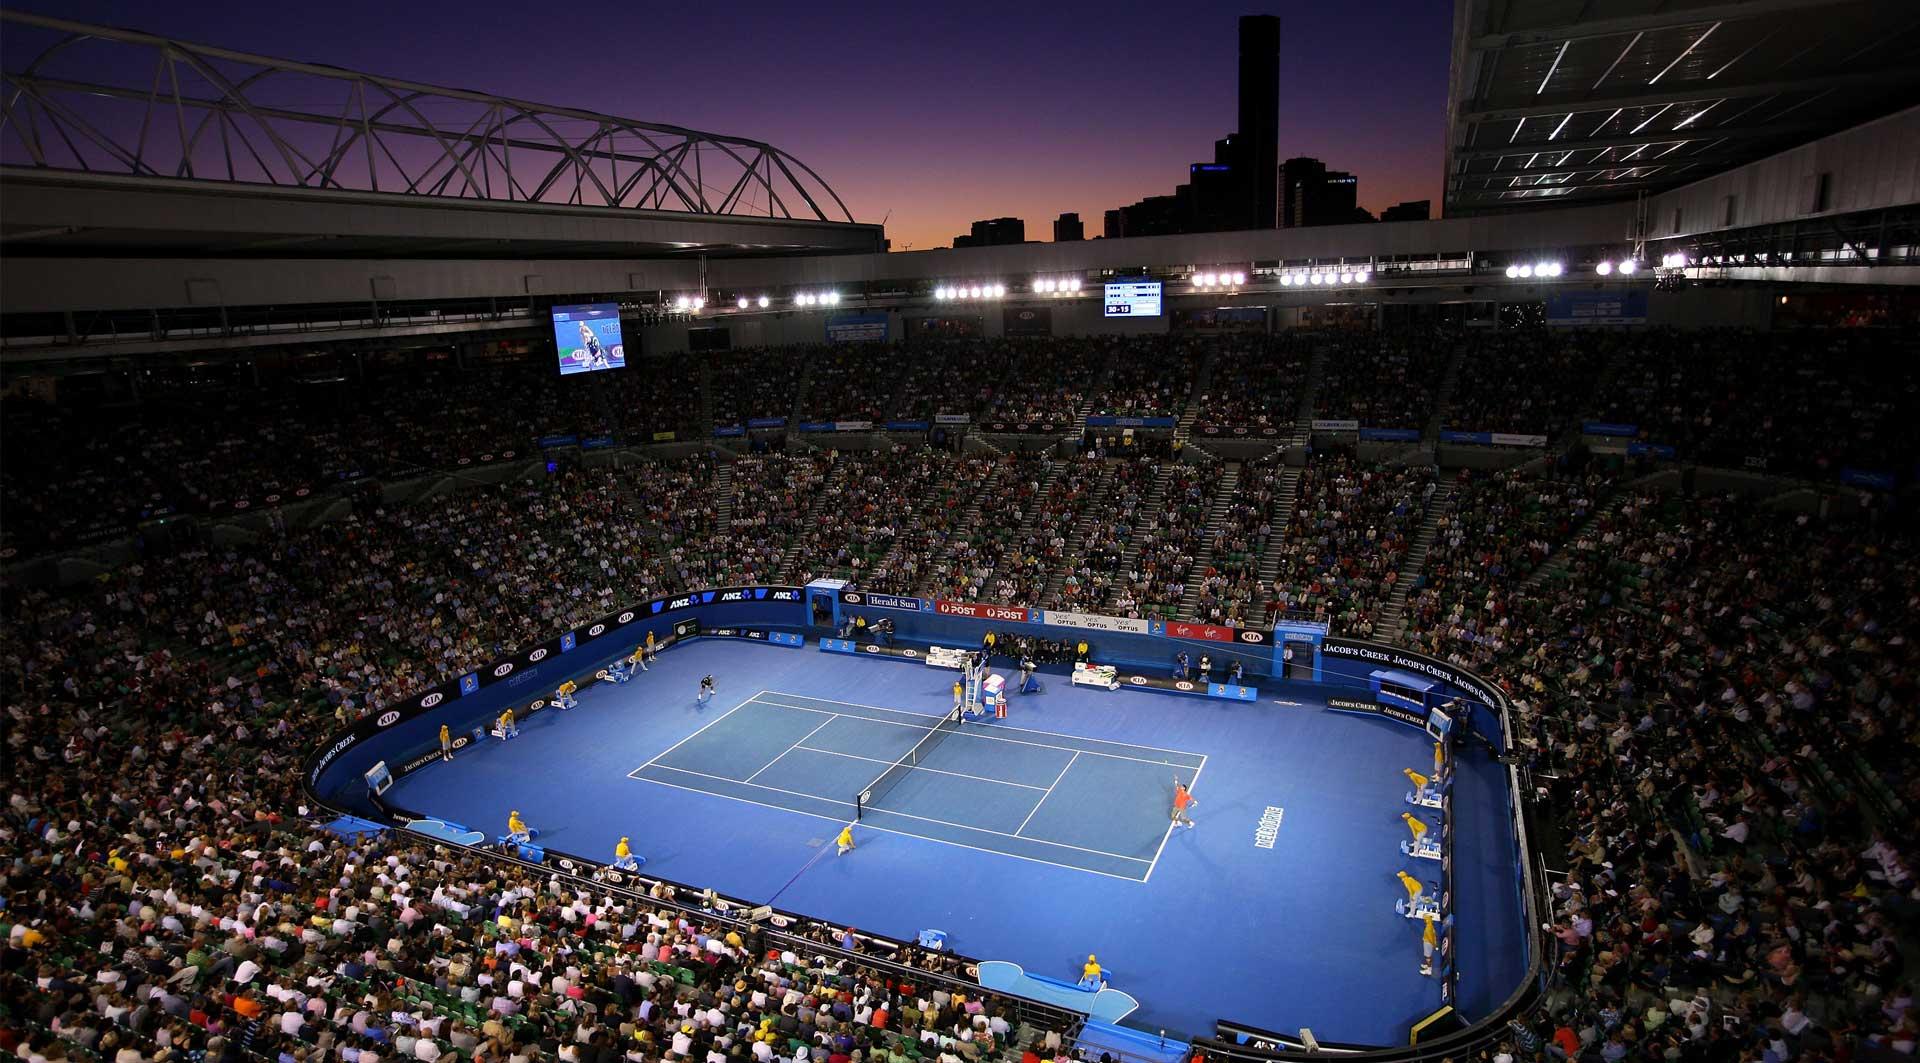 Тур на Открітій чемпионат Австралии